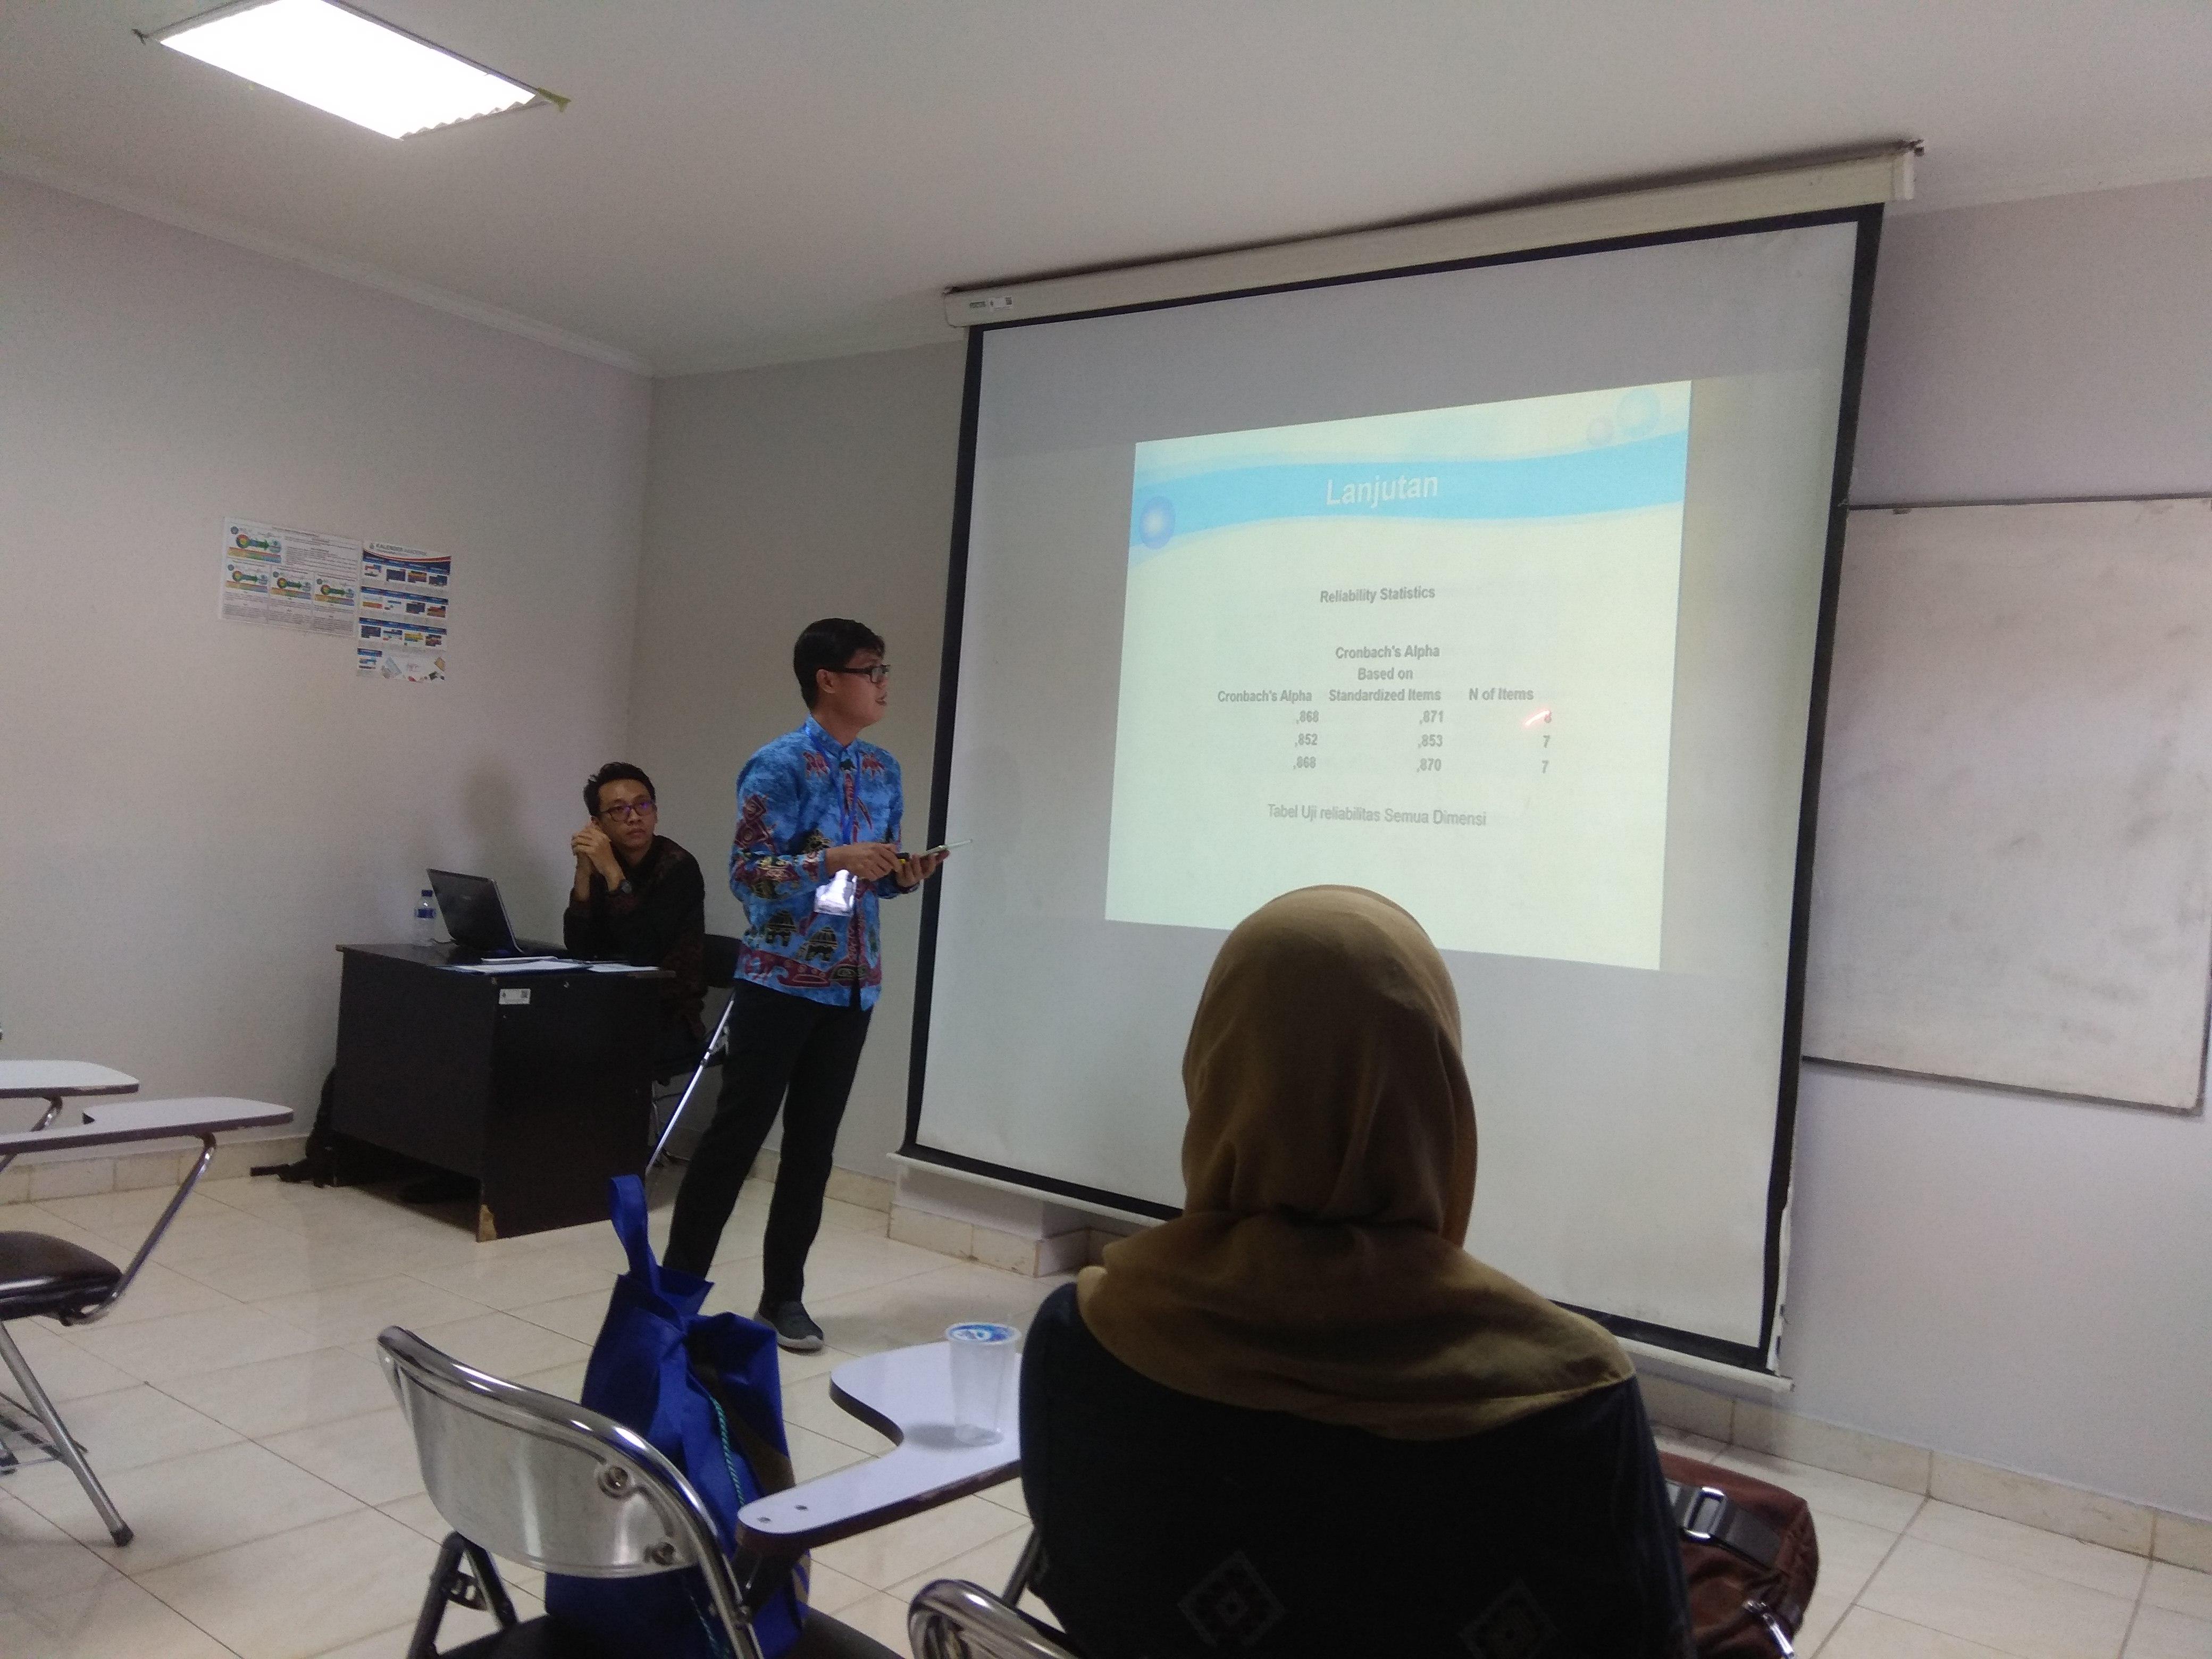 <p>Presentasi Seminar dalam kegiatan KNS&amp;I di STIKOM Bali 10 Agustus 2017</p>